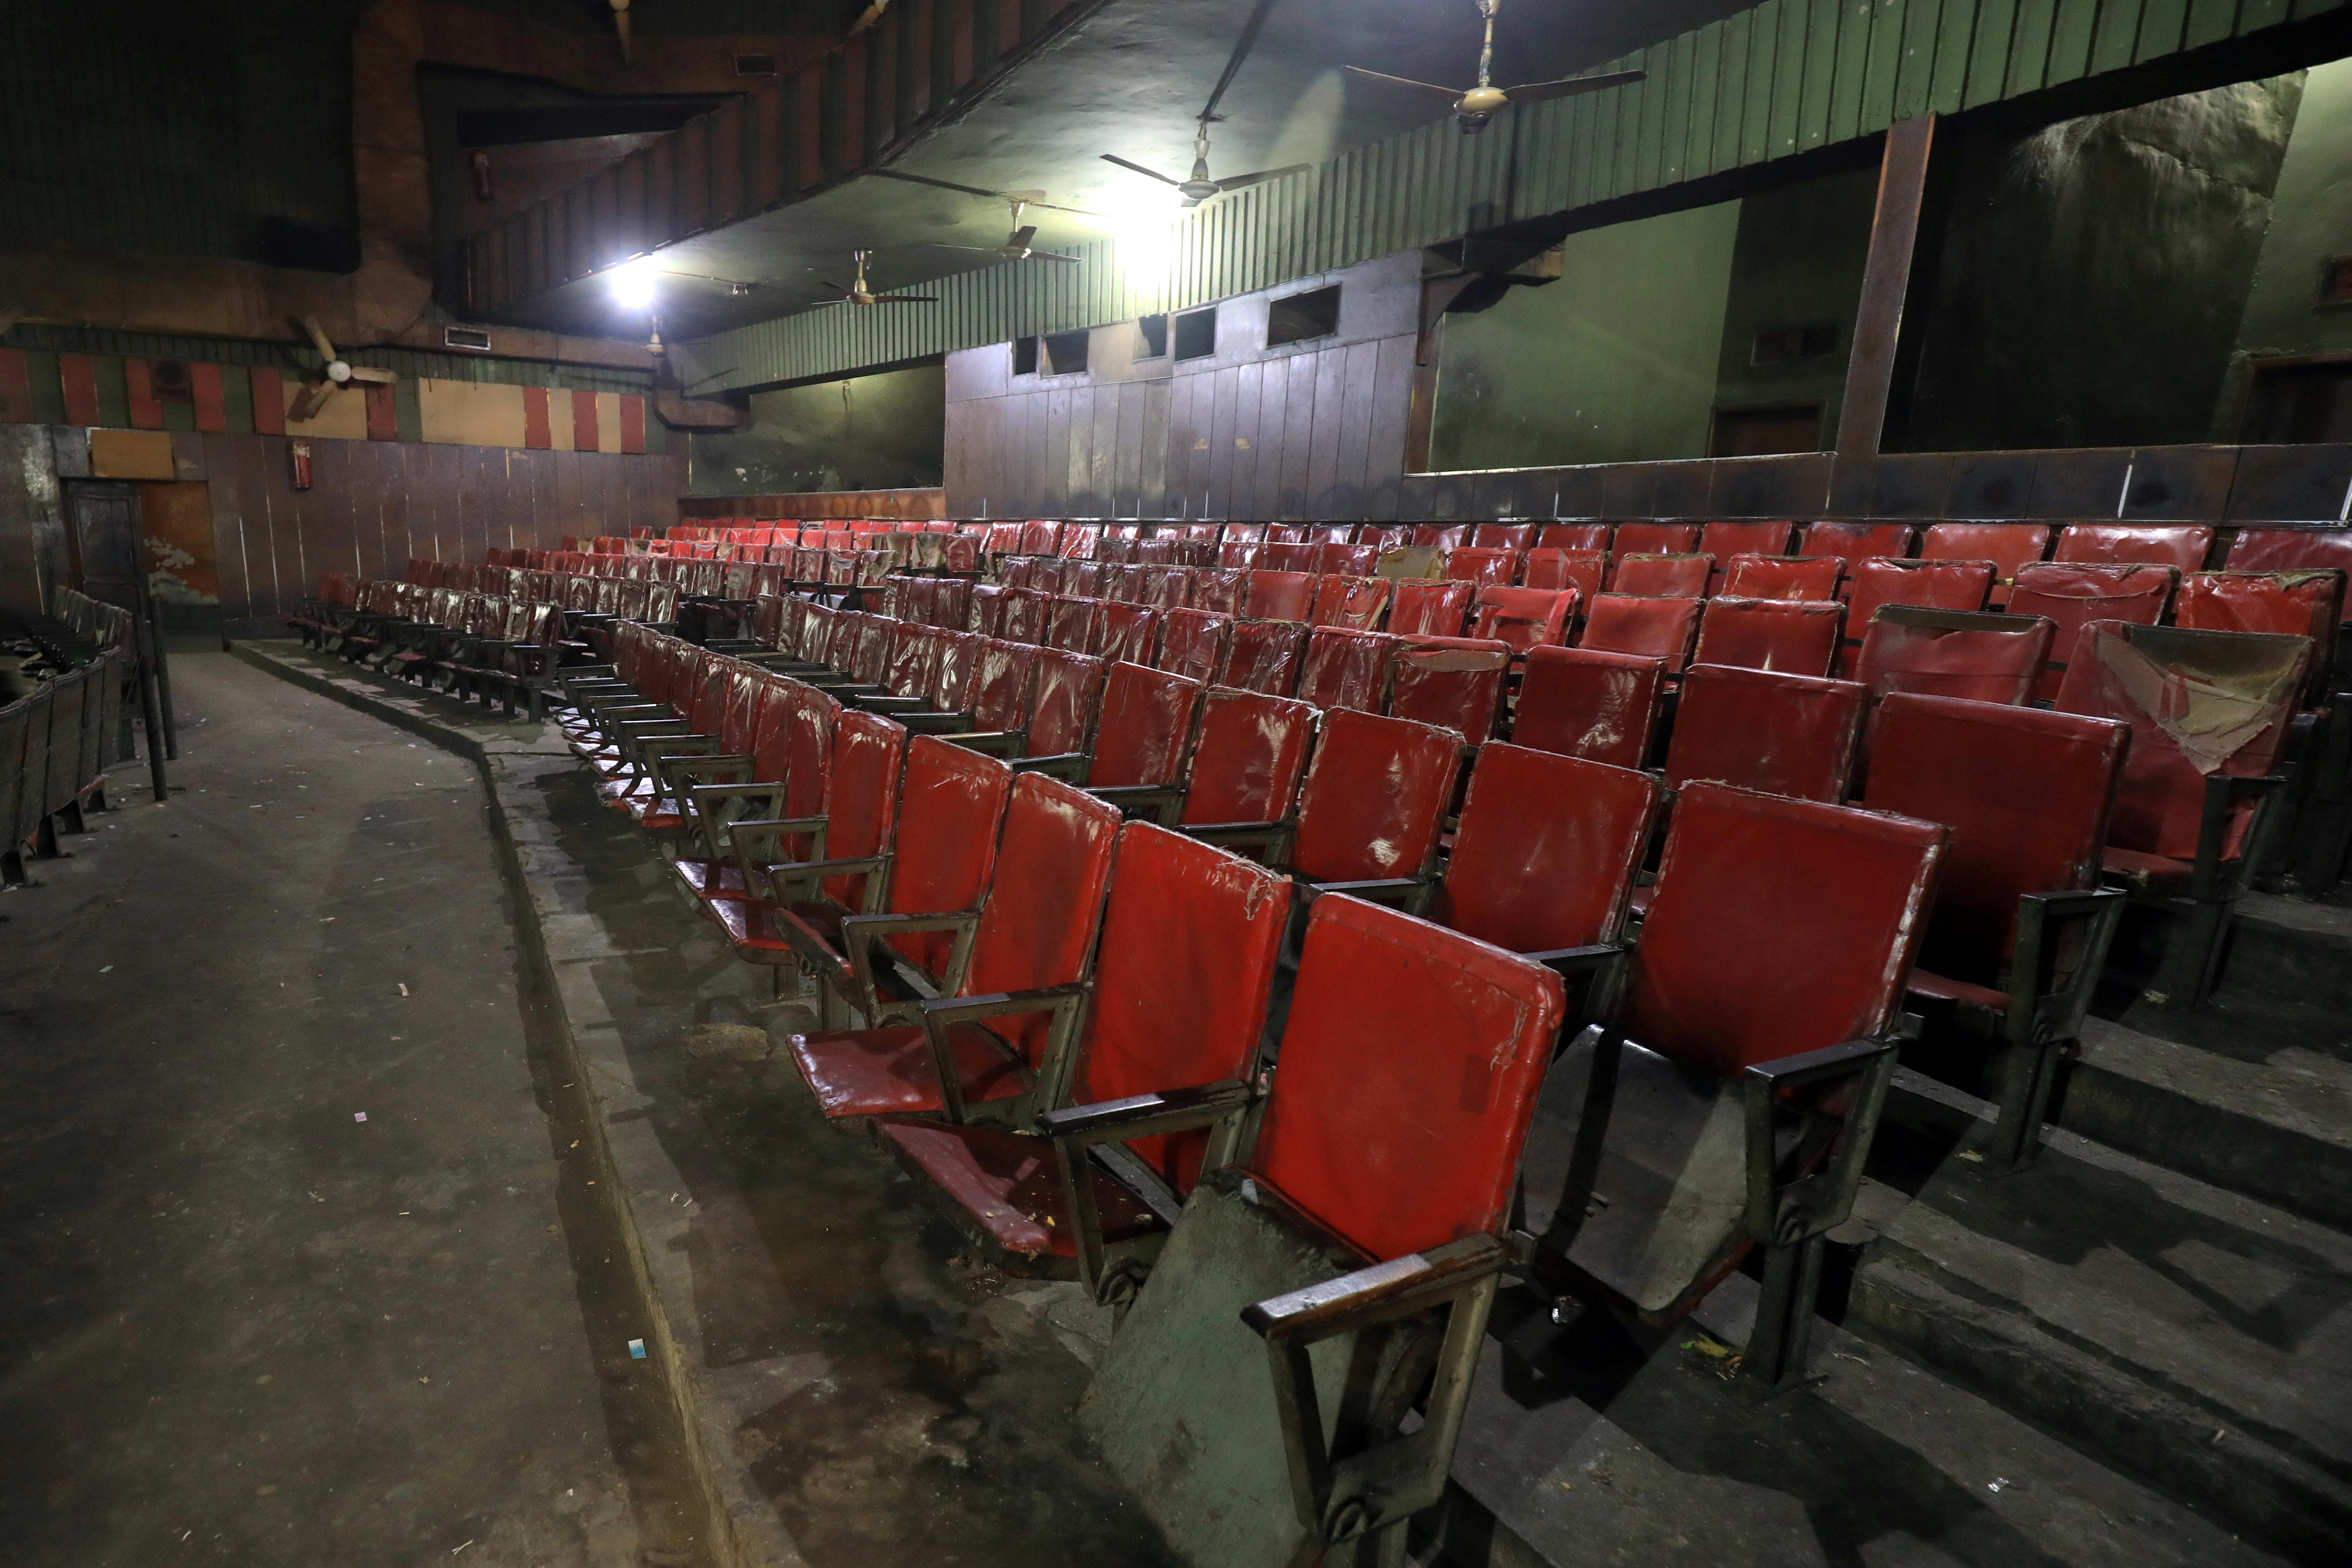 Un cine vacío (REUTERS/Fayaz Aziz)